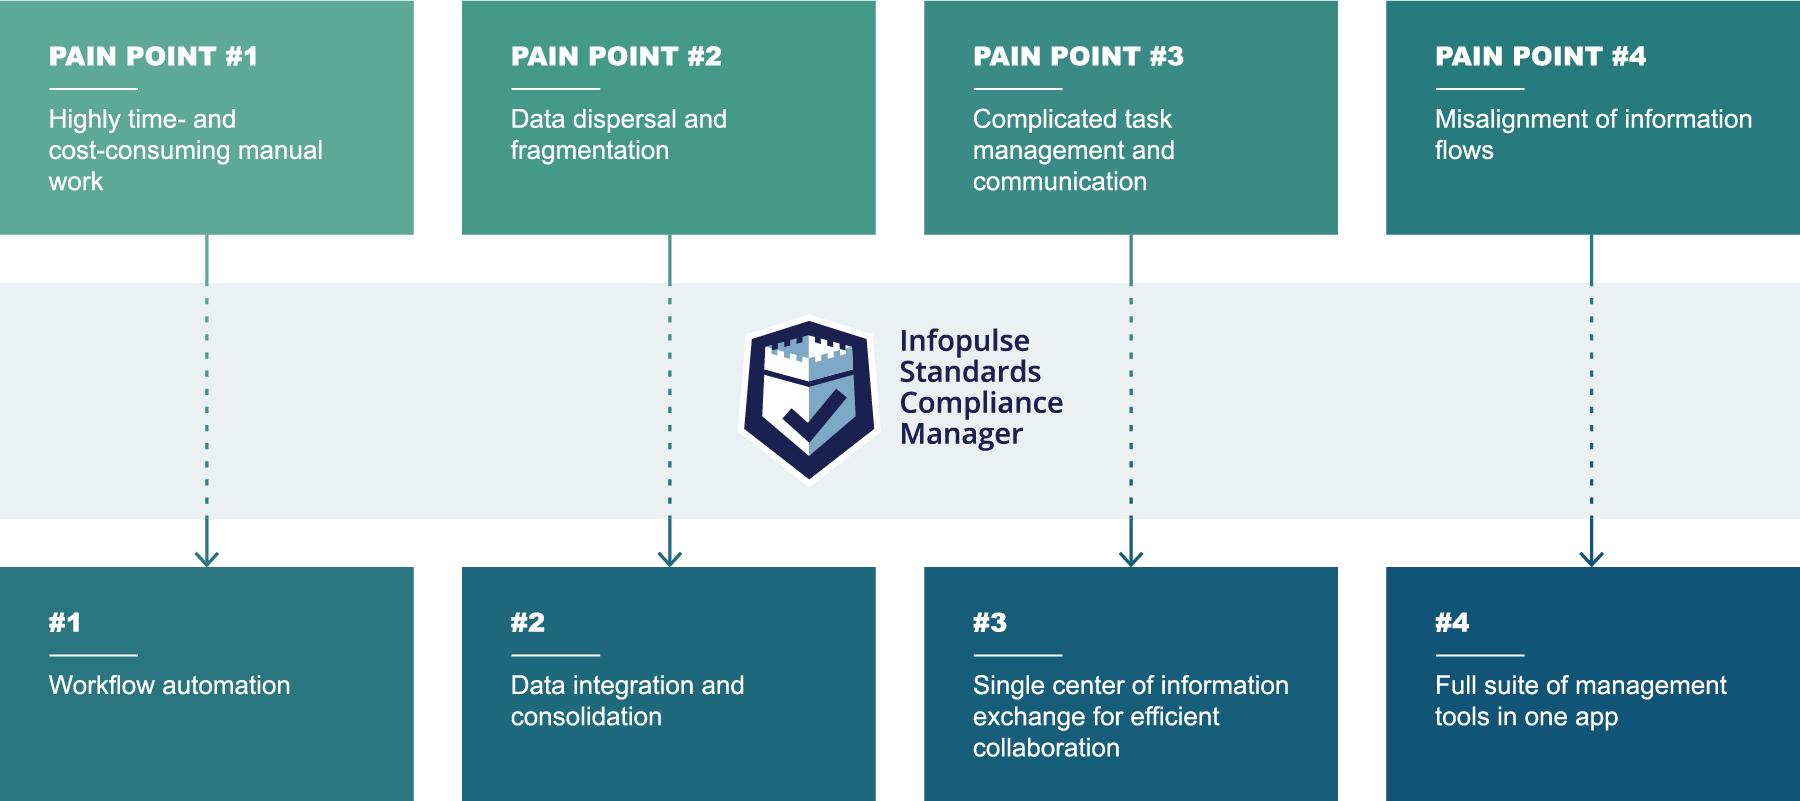 Infopulse SCM Compliance